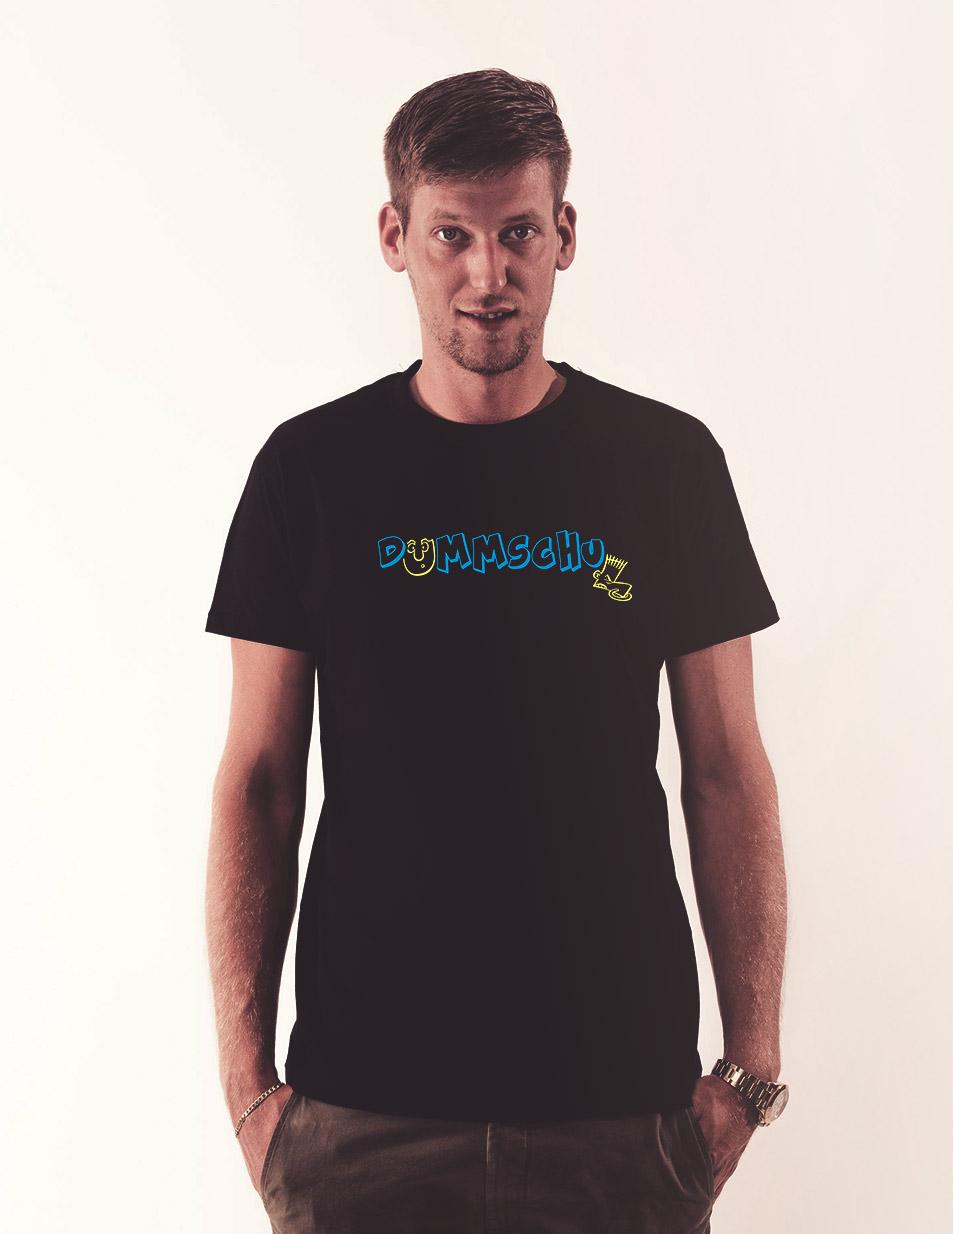 Dummschul T-Shirt mehrfarbig auf schwarz